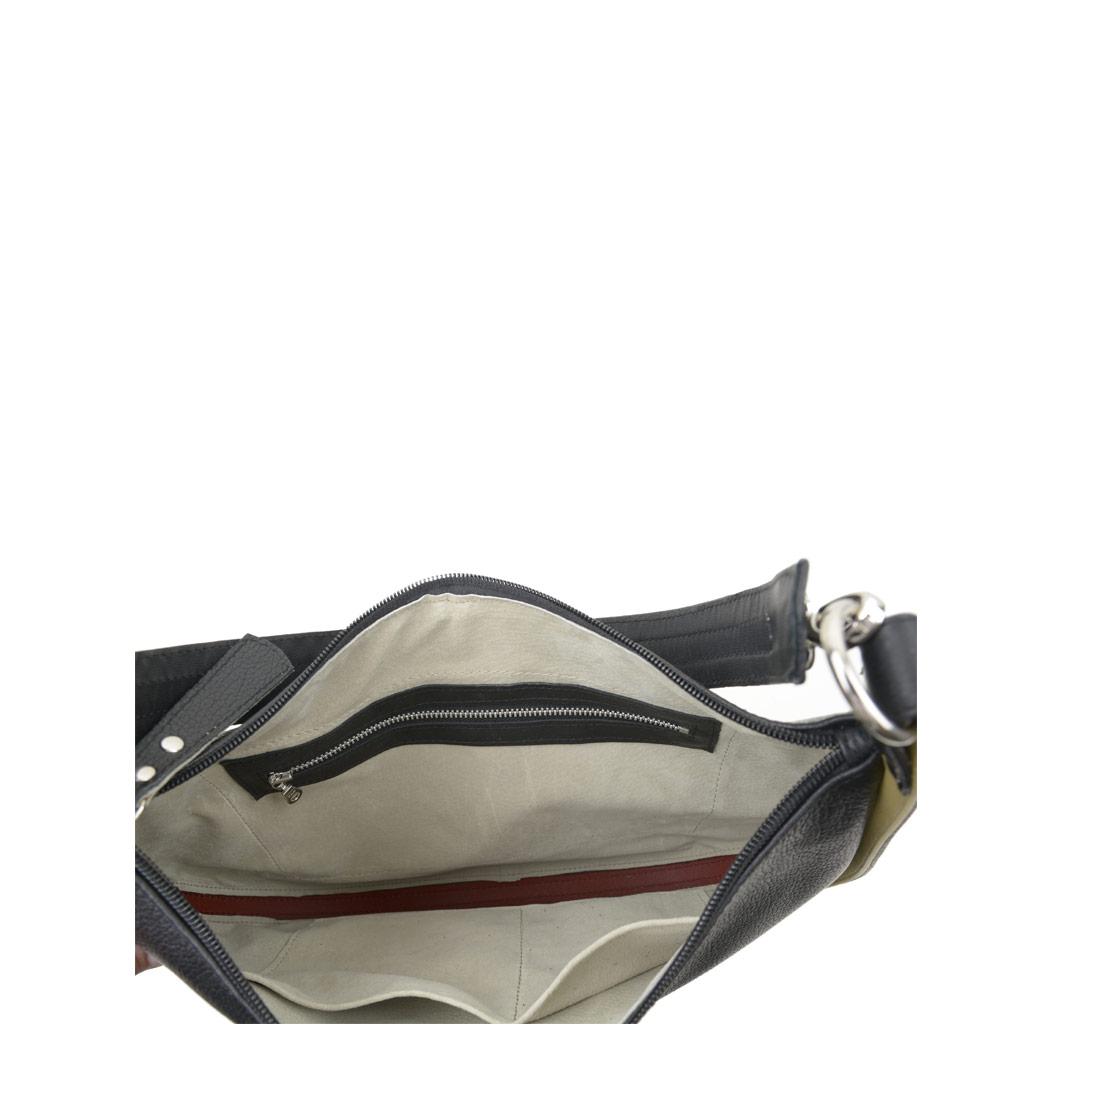 Lizzie Black Leather Shoulder Bag